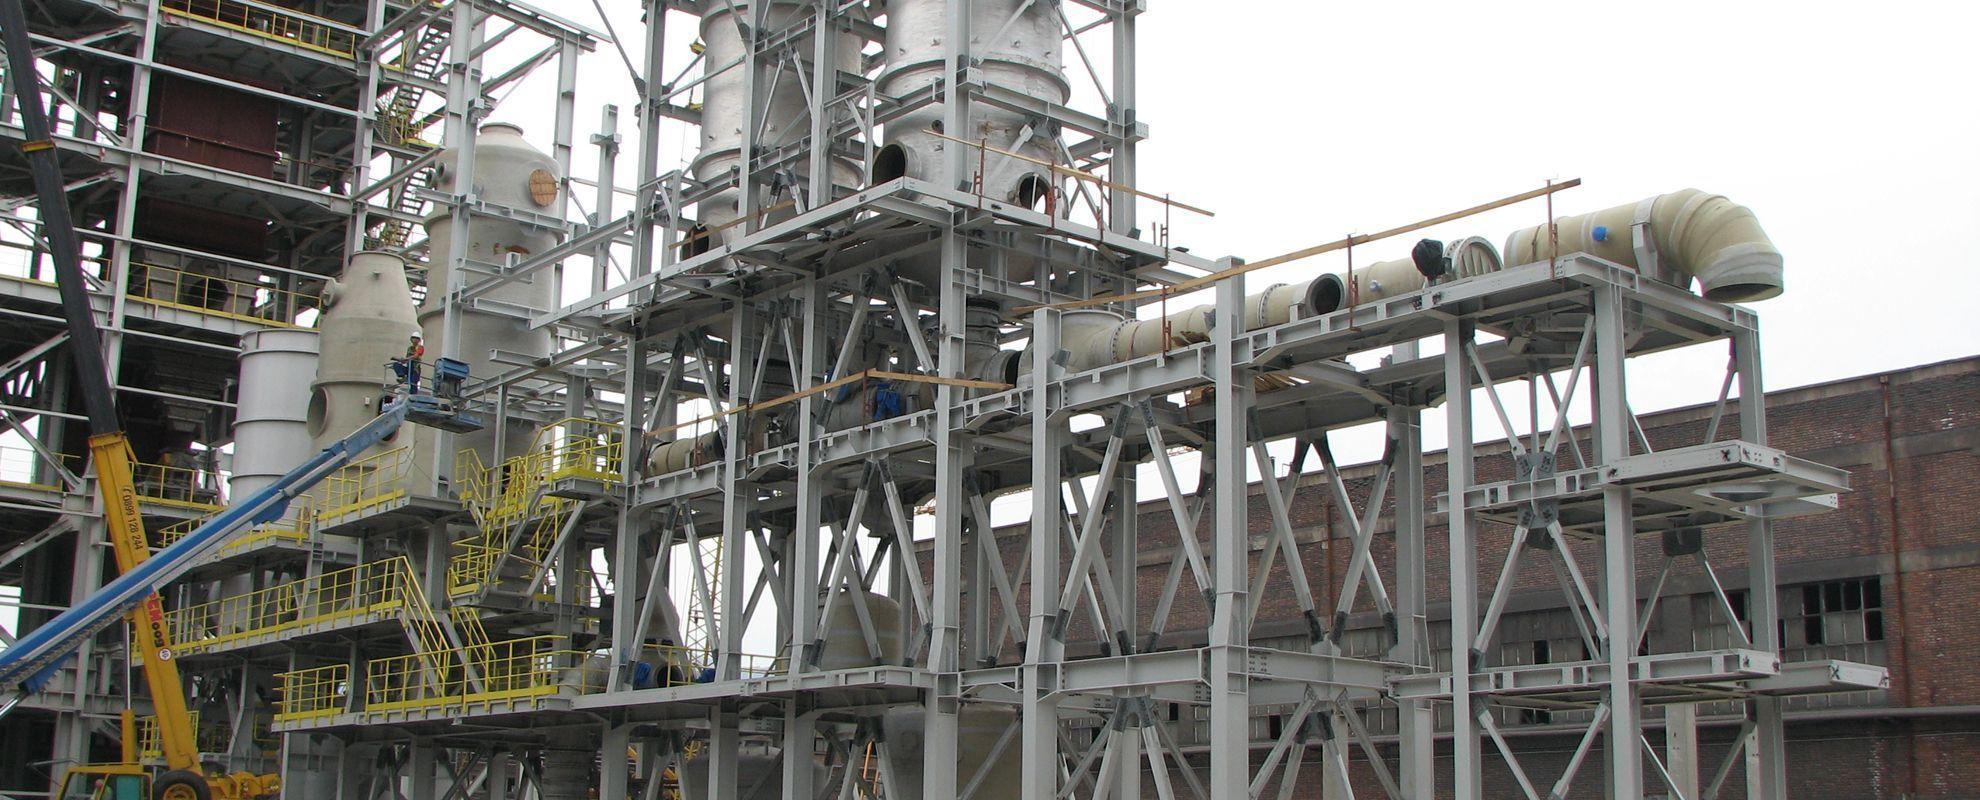 Производство и монтаж на стоманени конструкции за индустрията